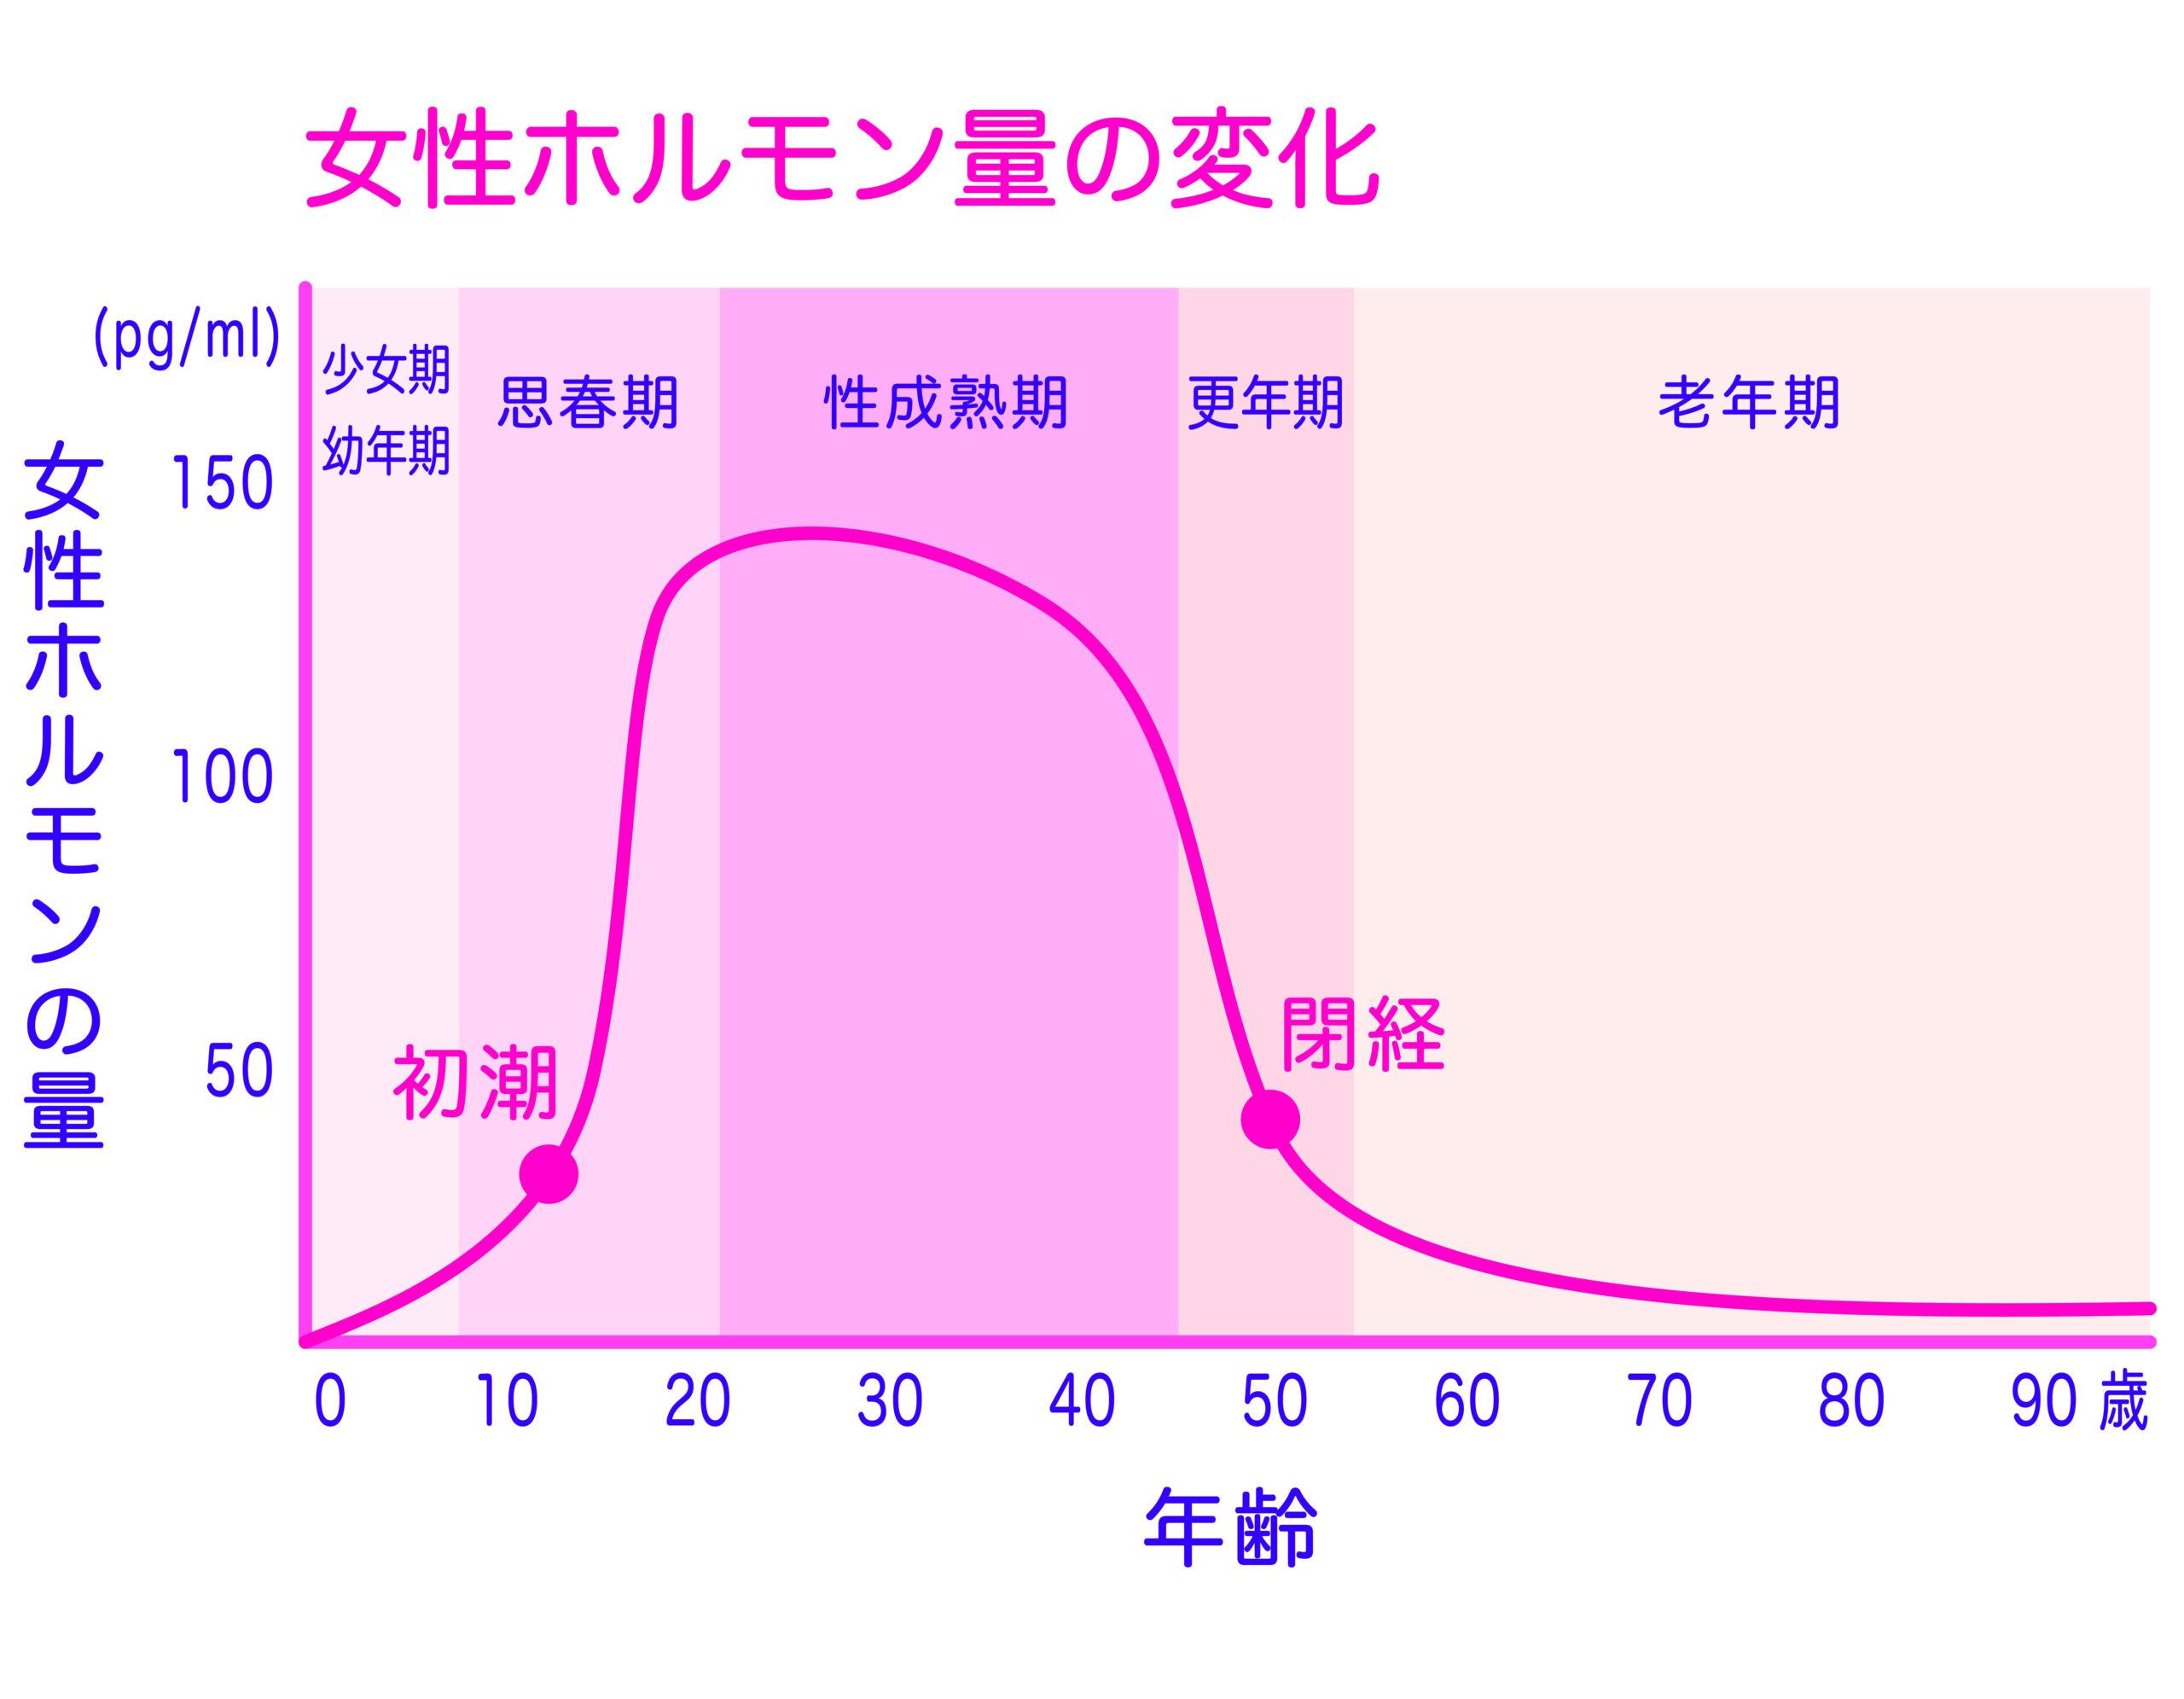 女性の生涯の女性ホルモン(エストロゲン)の量の変化